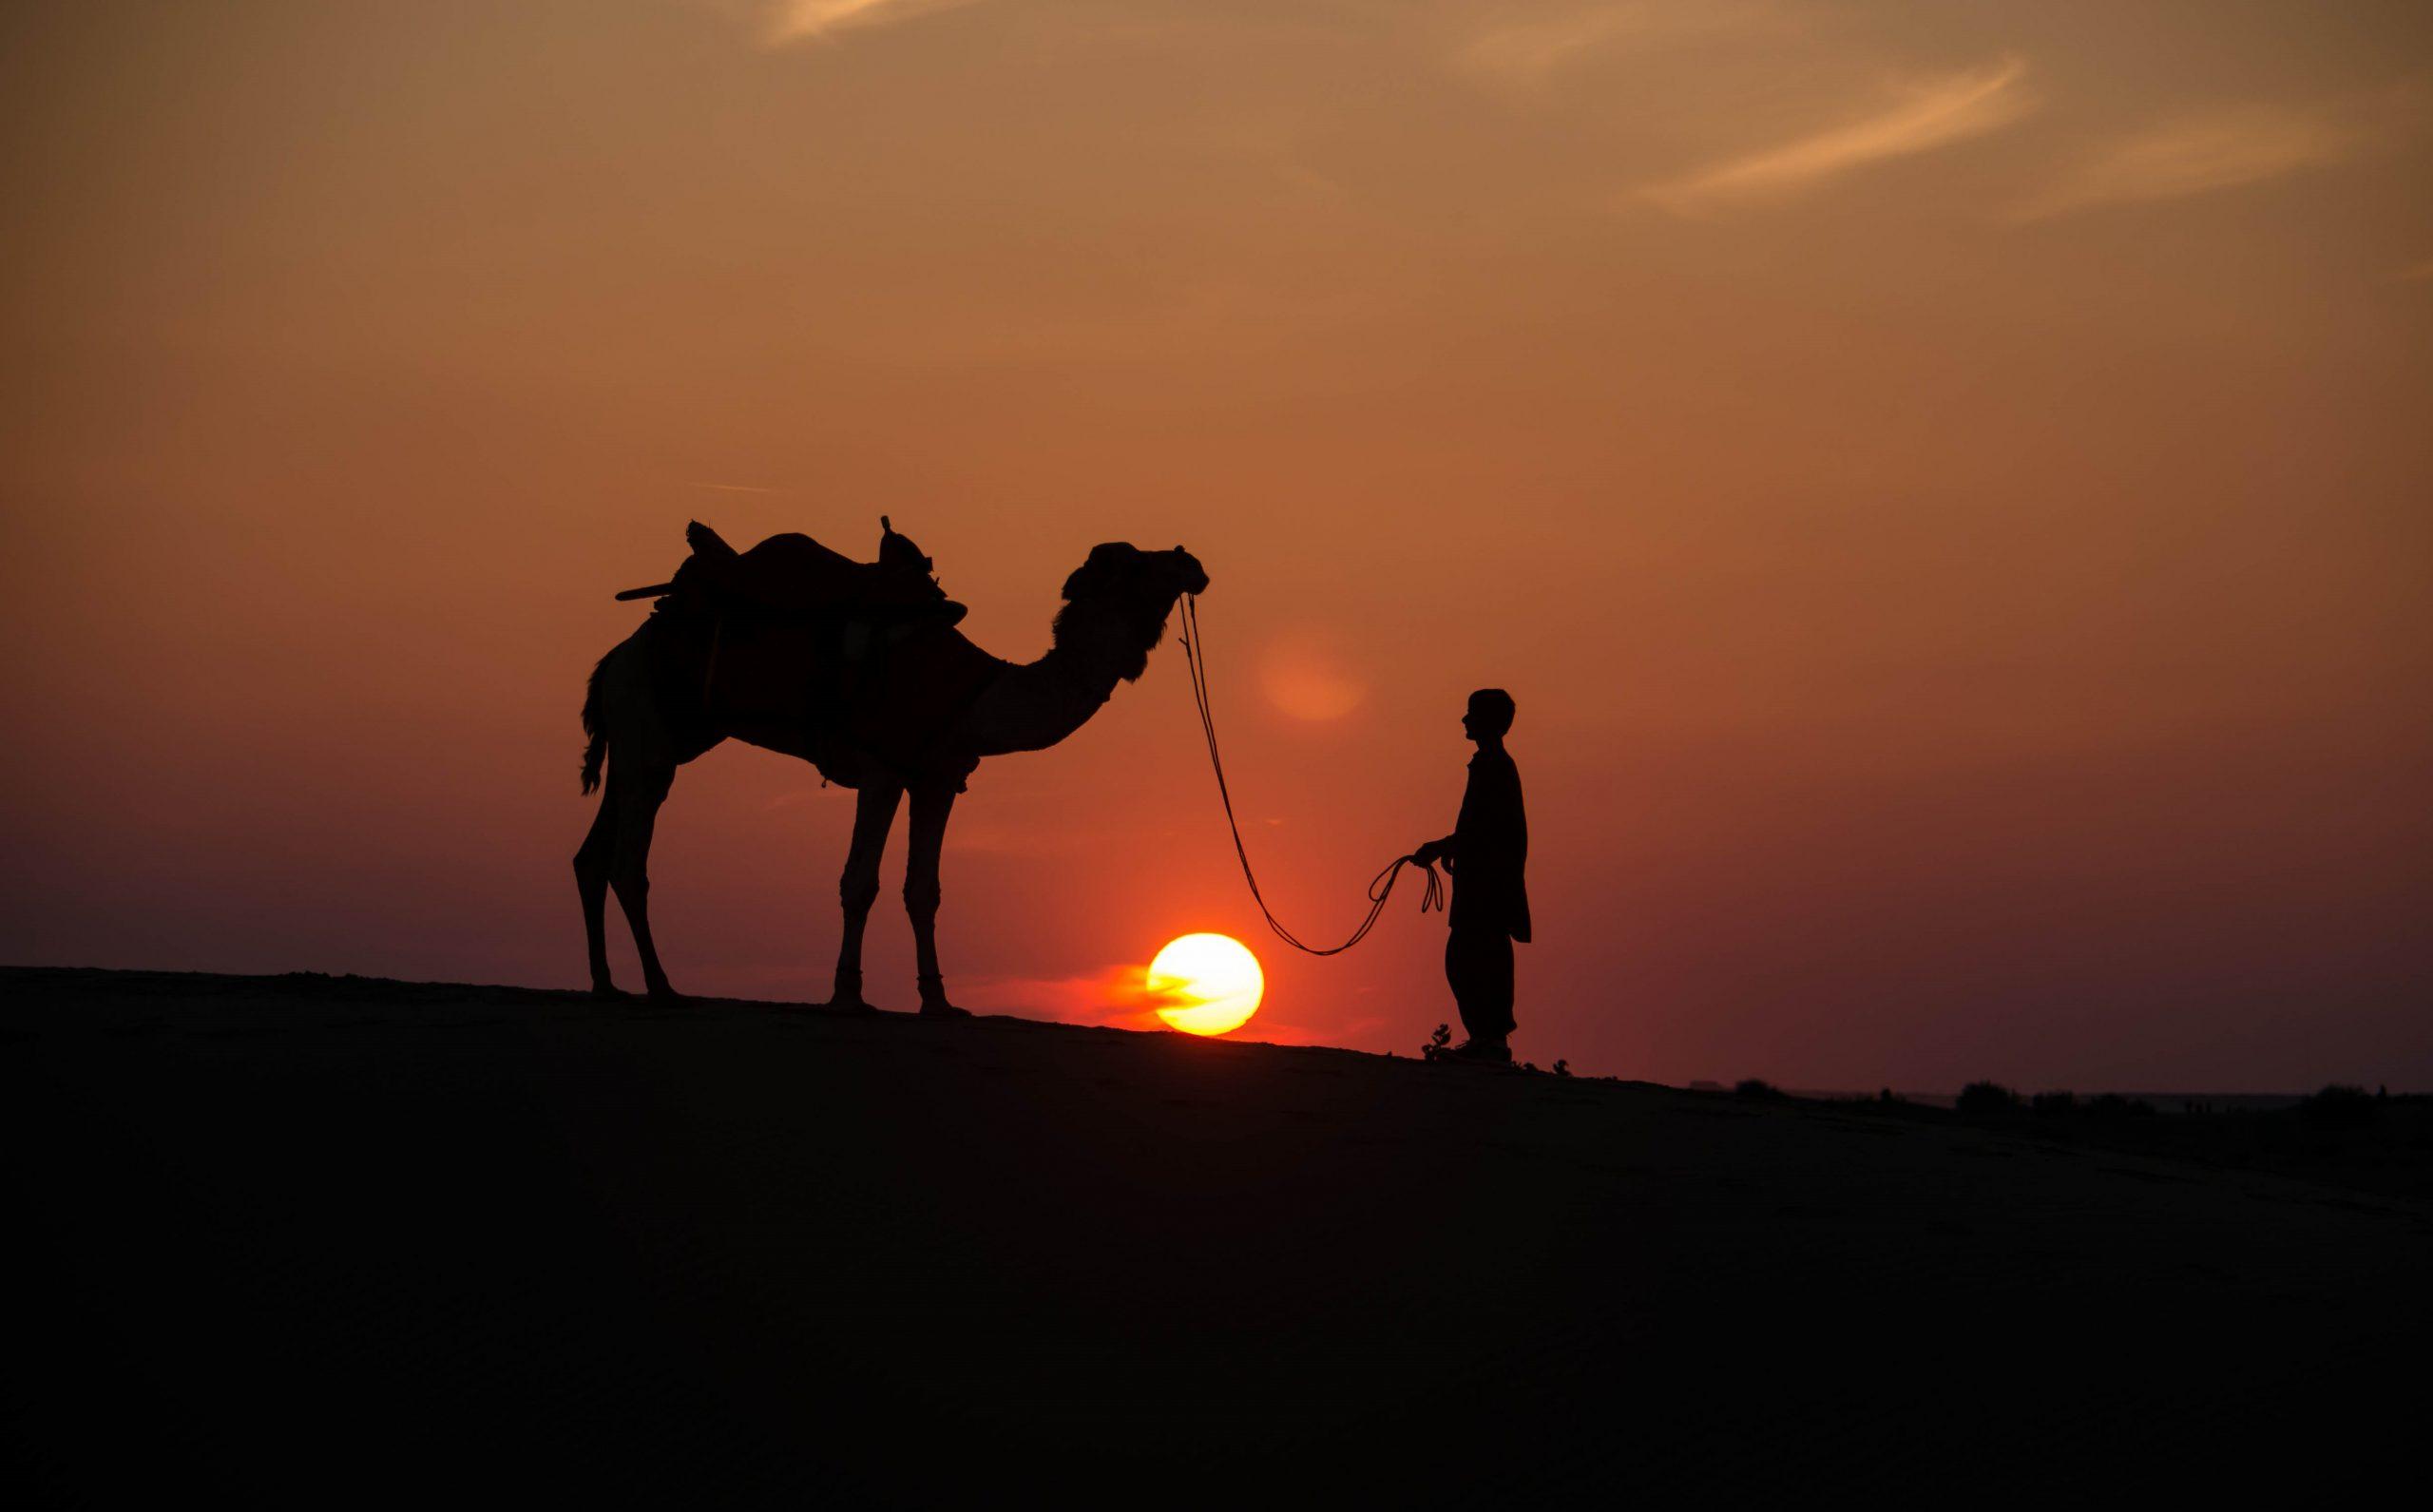 Sunset at Sam Dunes, Jaisalmer